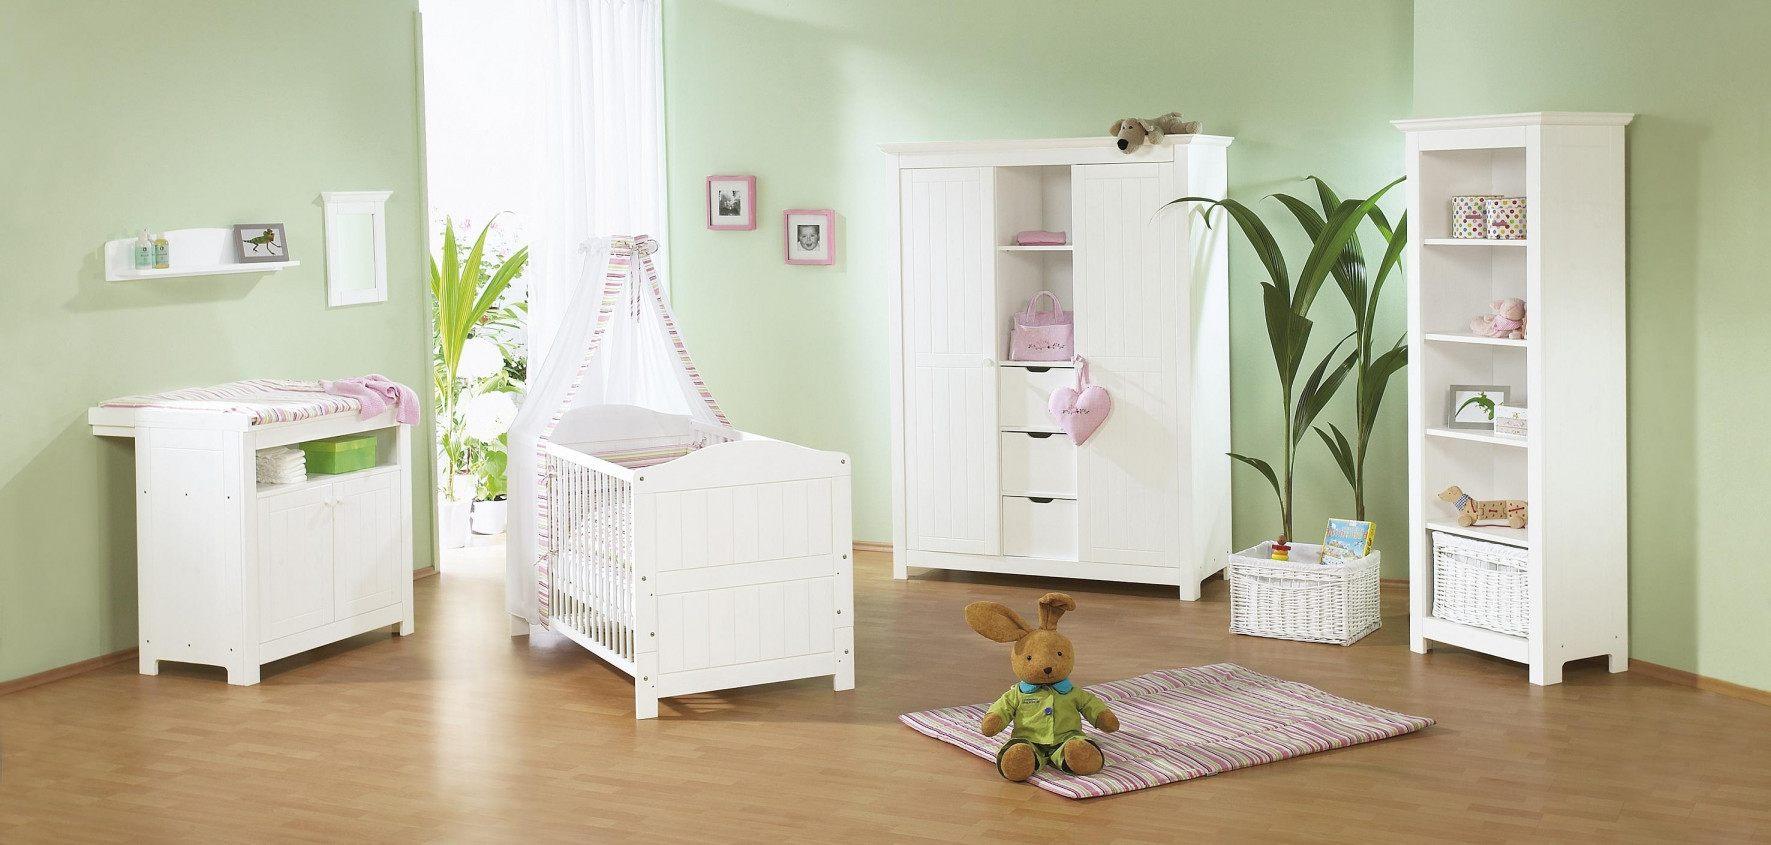 Lit Bébé Superposé Magnifique Chaise Table Bébé Cuisine Pour Bebe Lovely Lit Ikea Bebe 12 Superpos